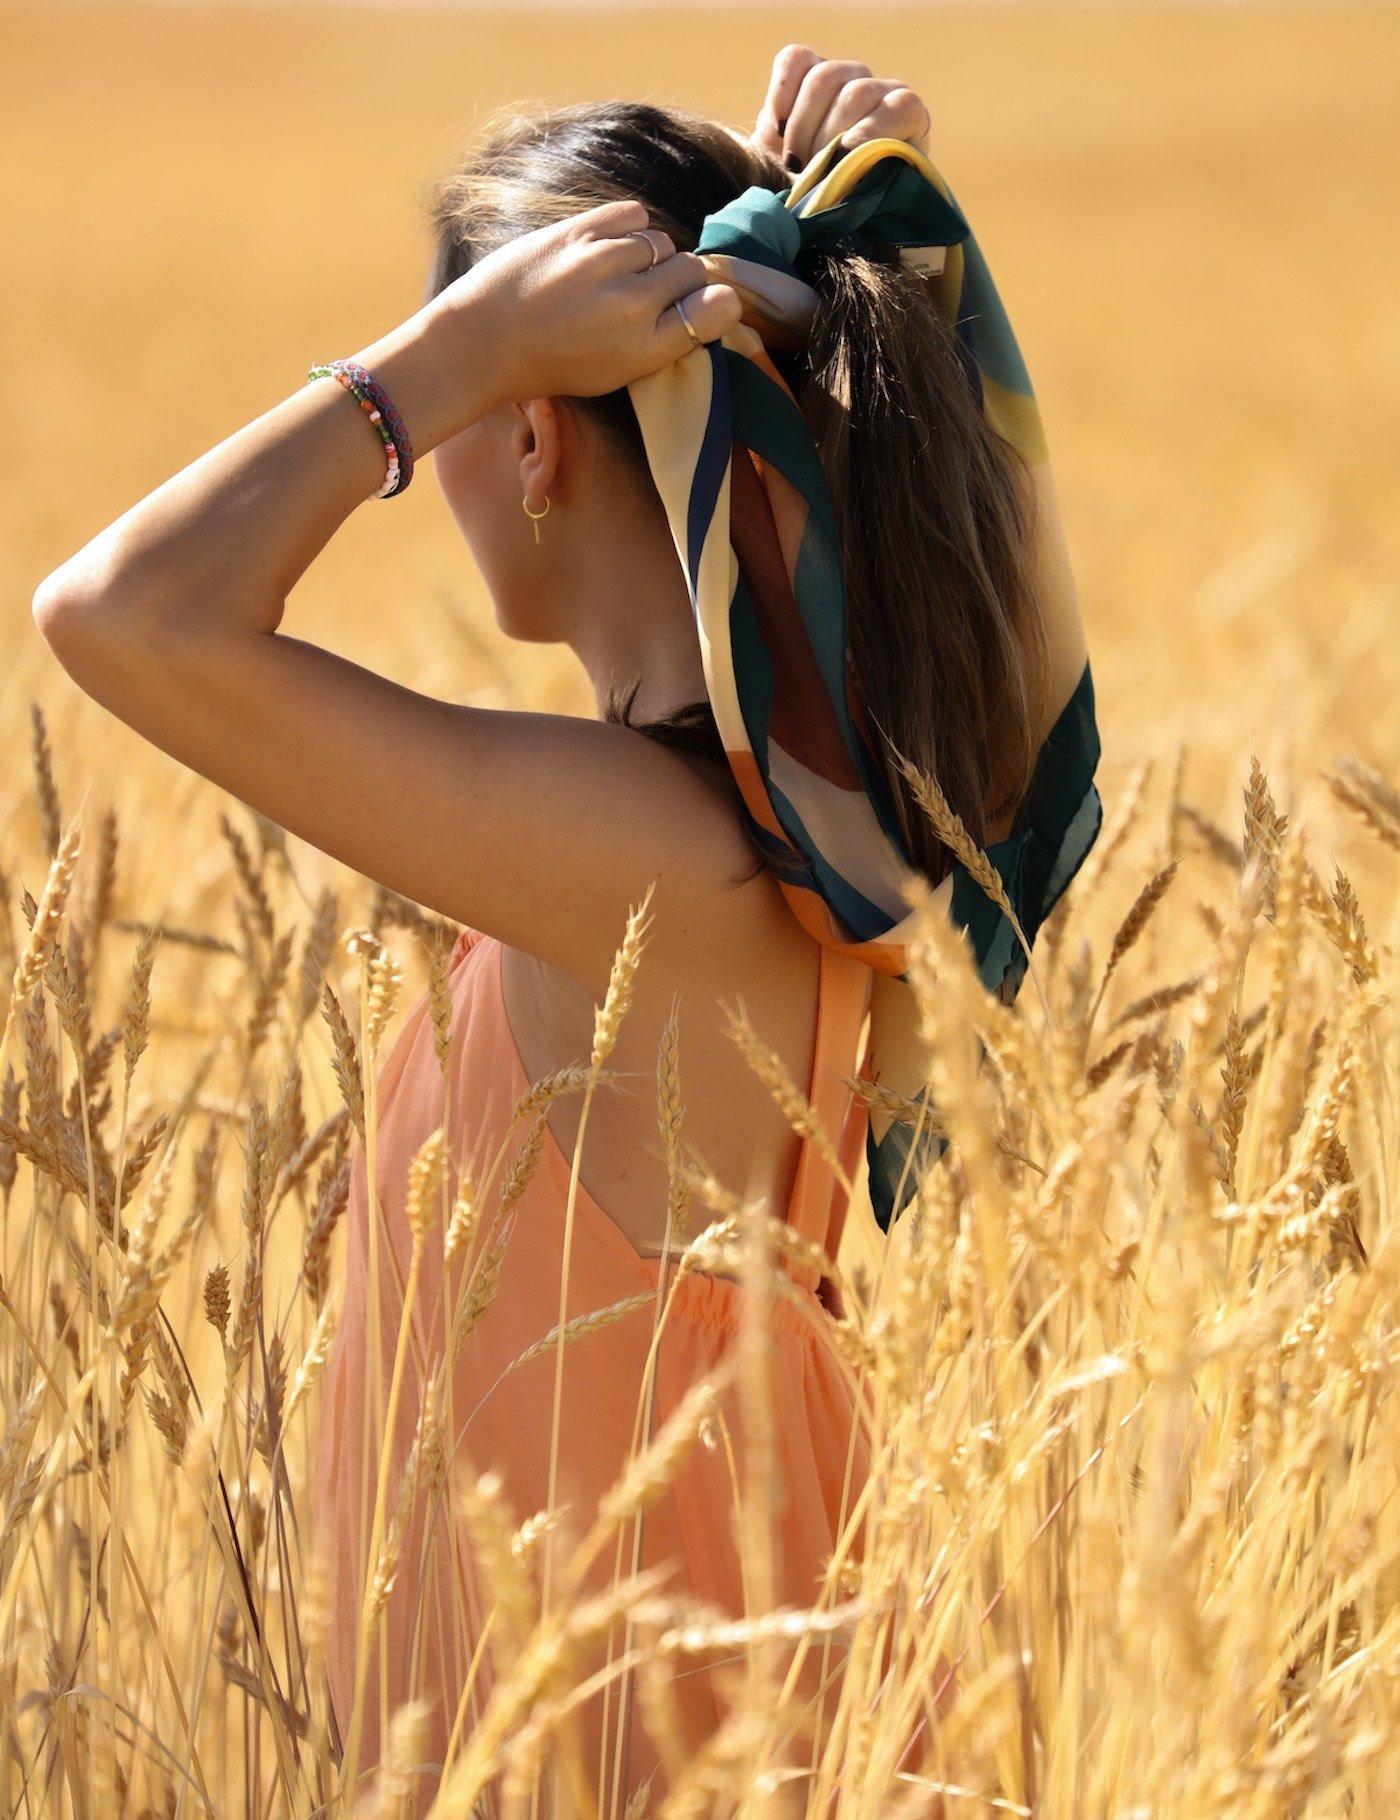 Pañuelo estampado en seda italiana. Colores naturales. Almudena Laborda